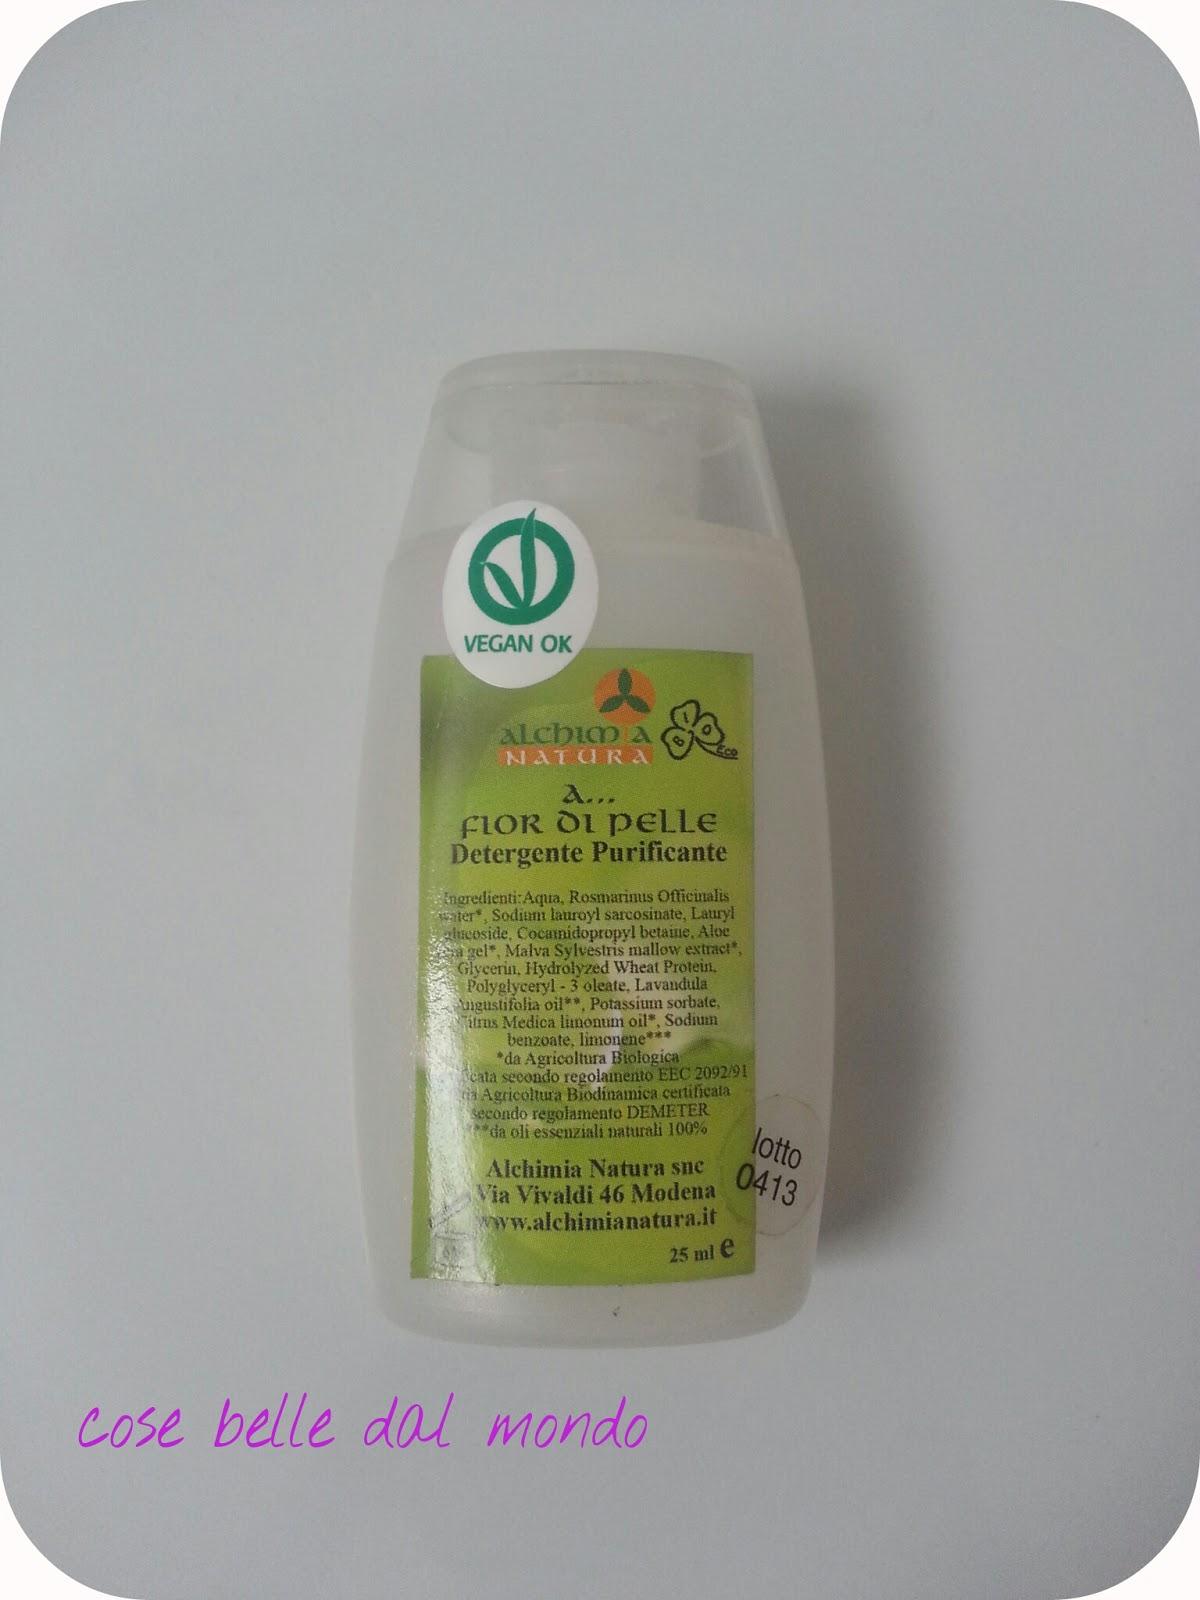 Cose belle dal mondo alchimia natura detergente for Cose belle dal mondo